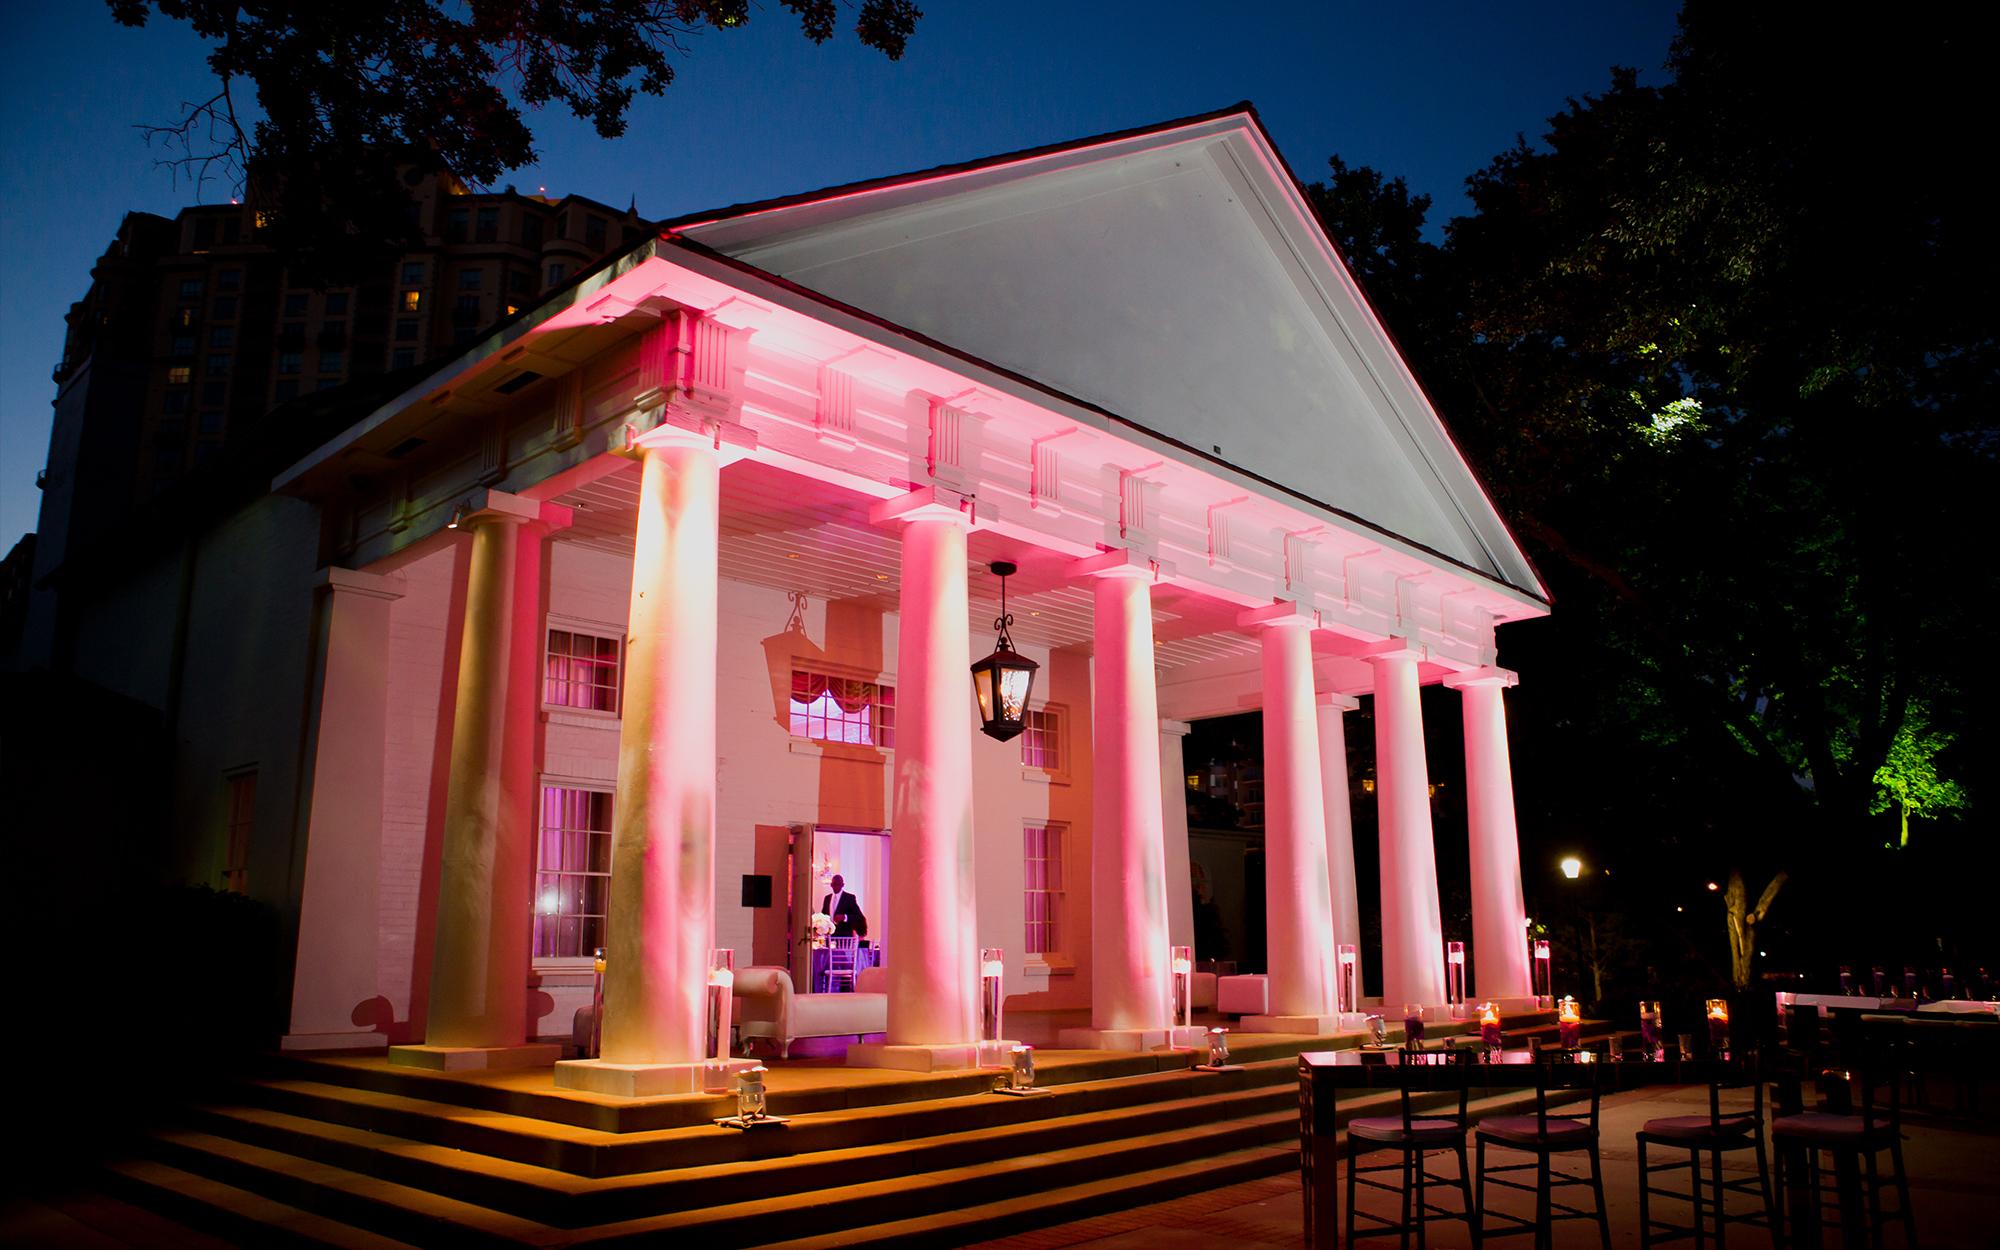 Arlington Hall photo courtesy of F8